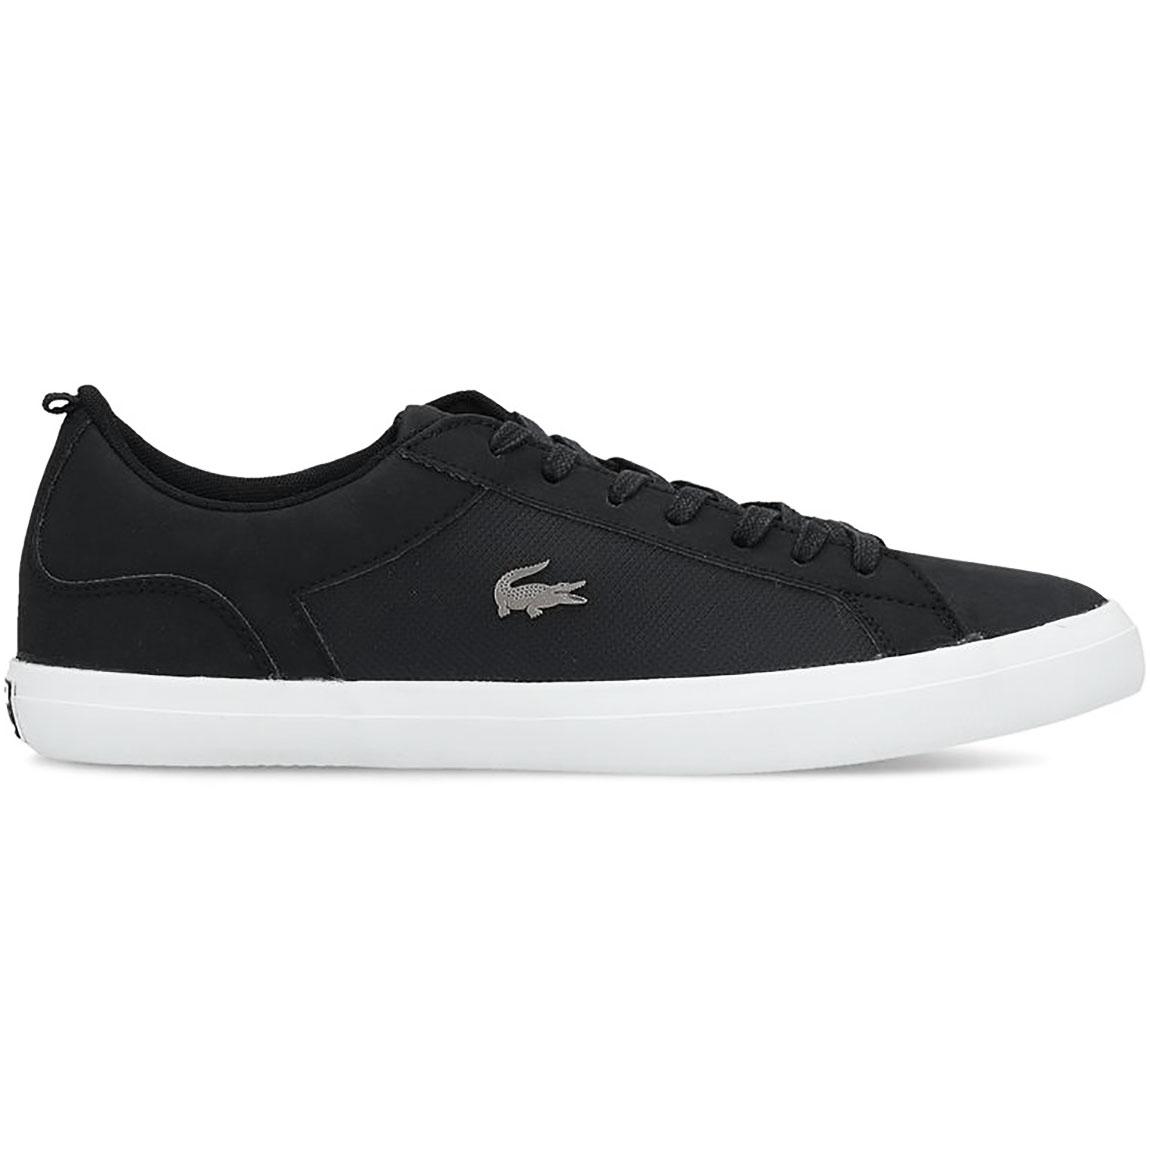 finest selection 6b82d d0019 Lacoste Lerond 119 Herren Sneaker Leather schwarz low